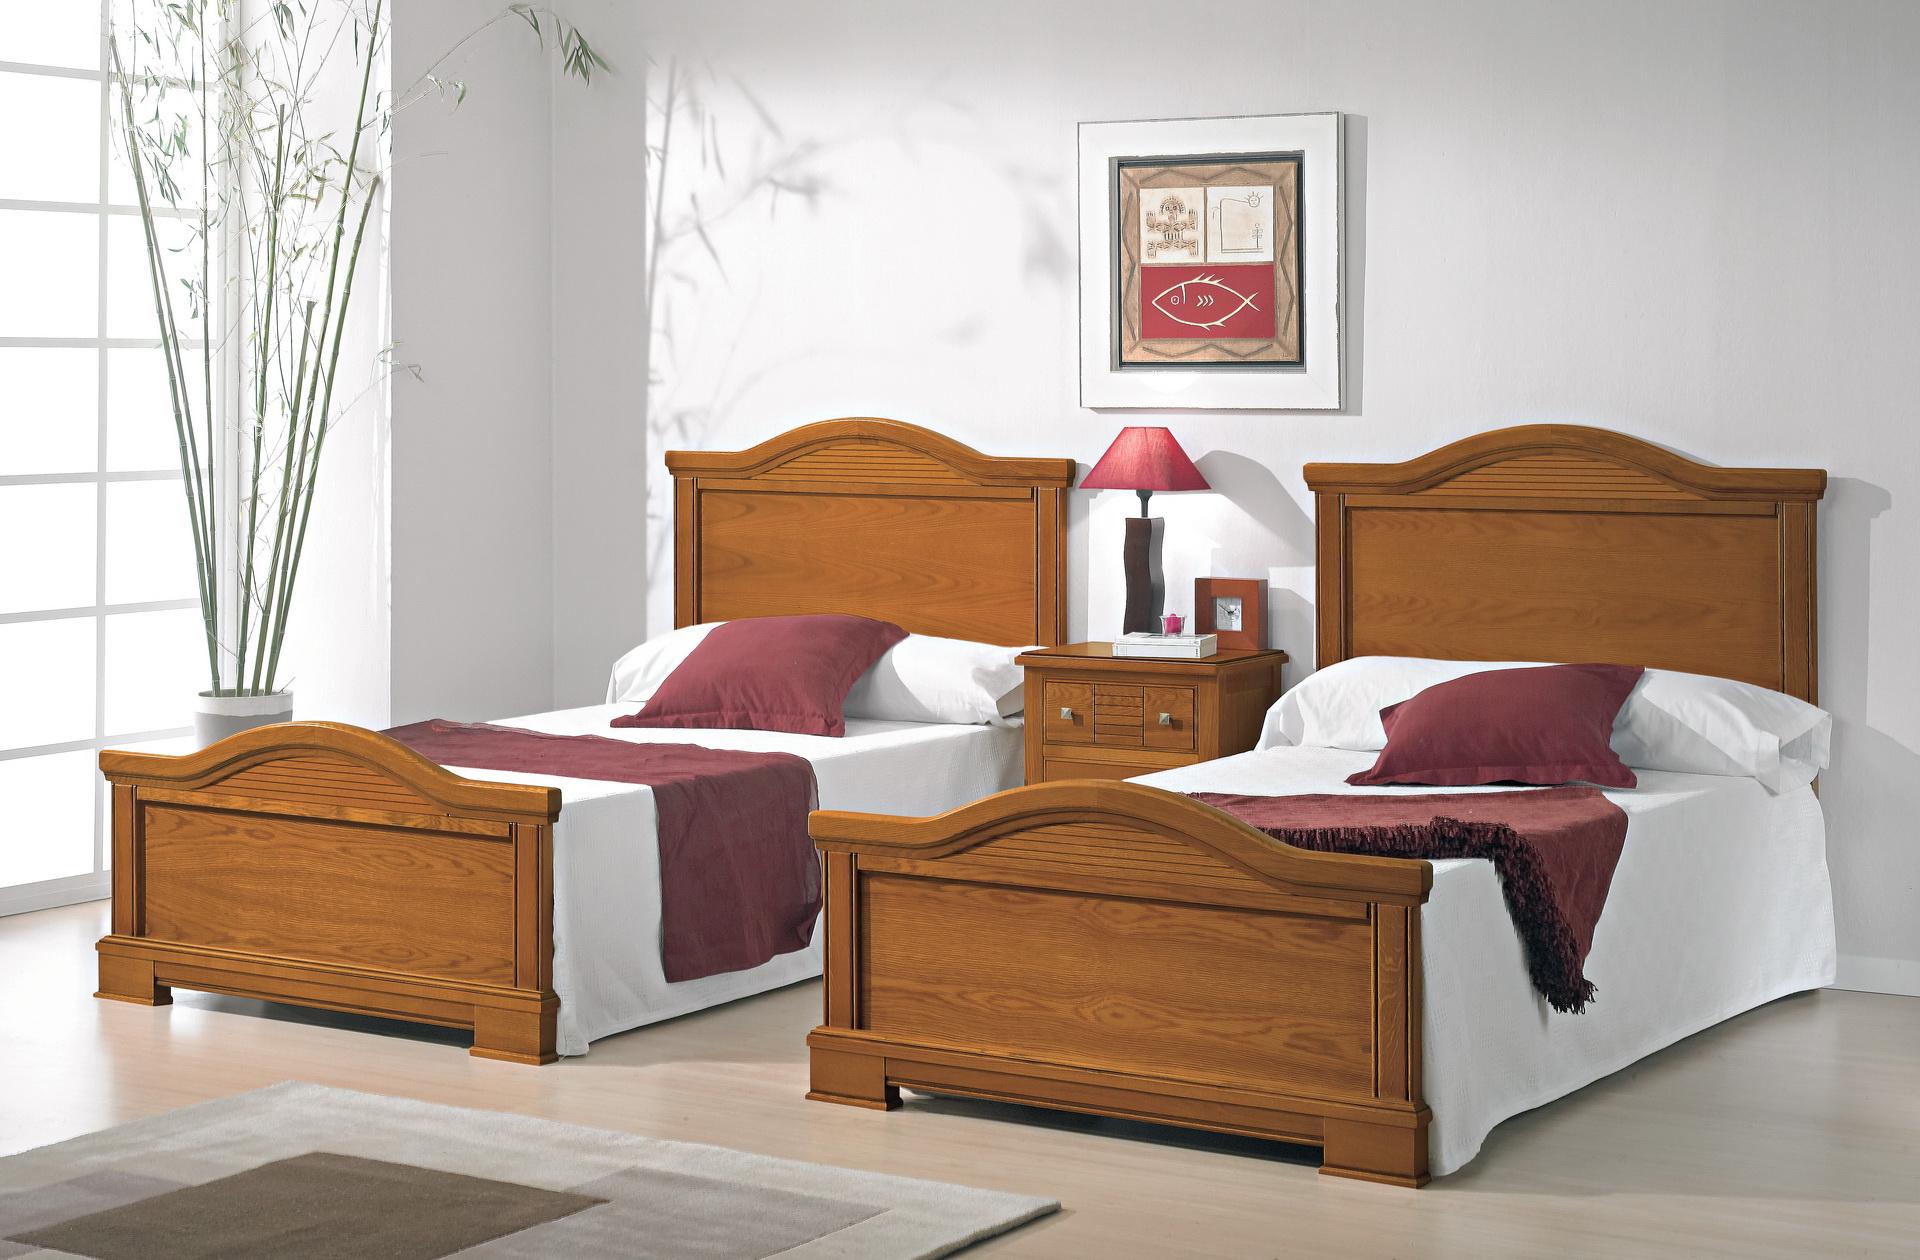 Dormitorios Roble y Castaño SERIE 600 by MRC (07)1K